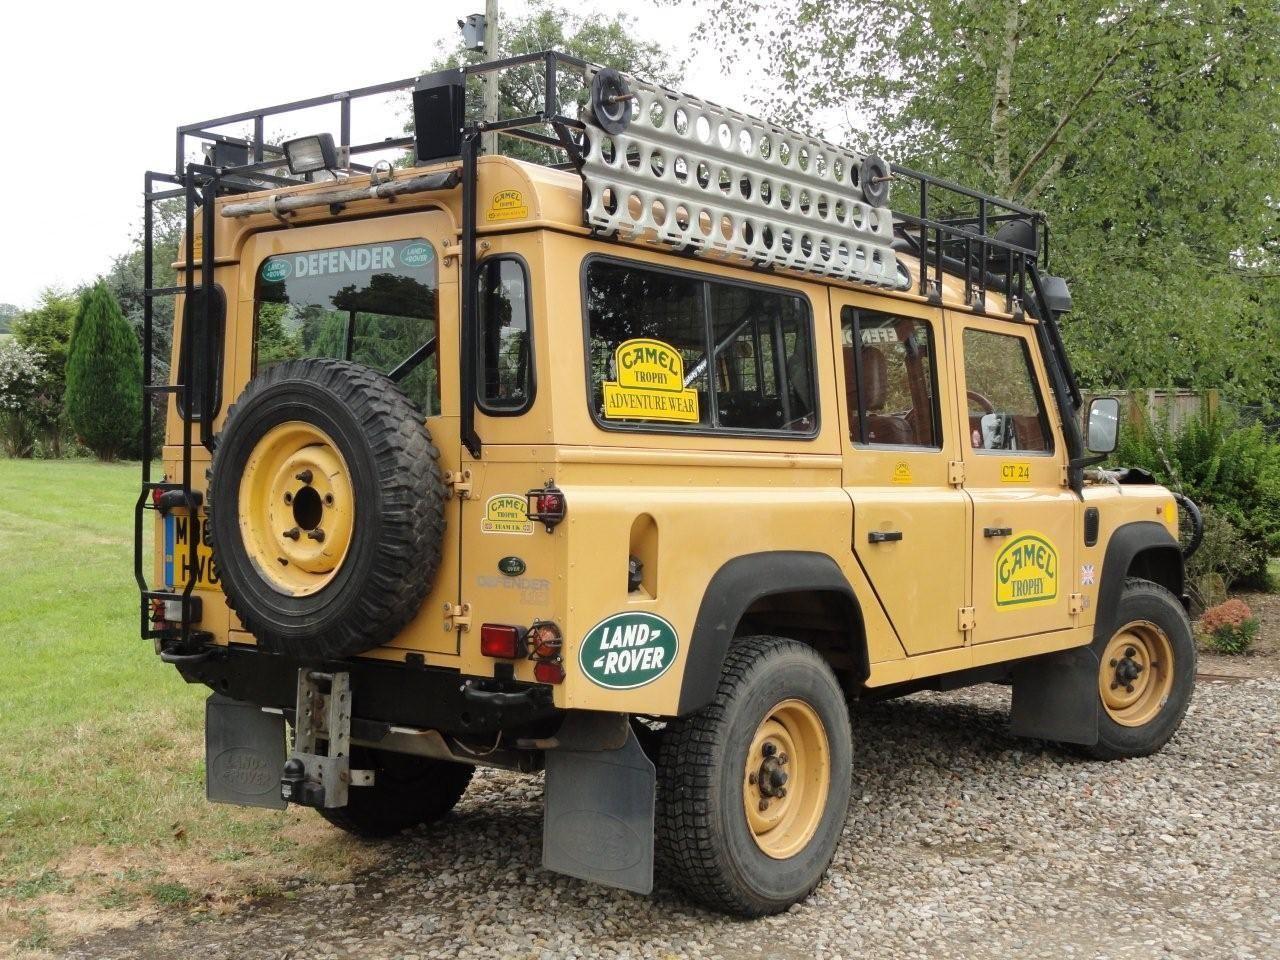 Land Rover 110 Defender Original Camel Trophy Dream Car